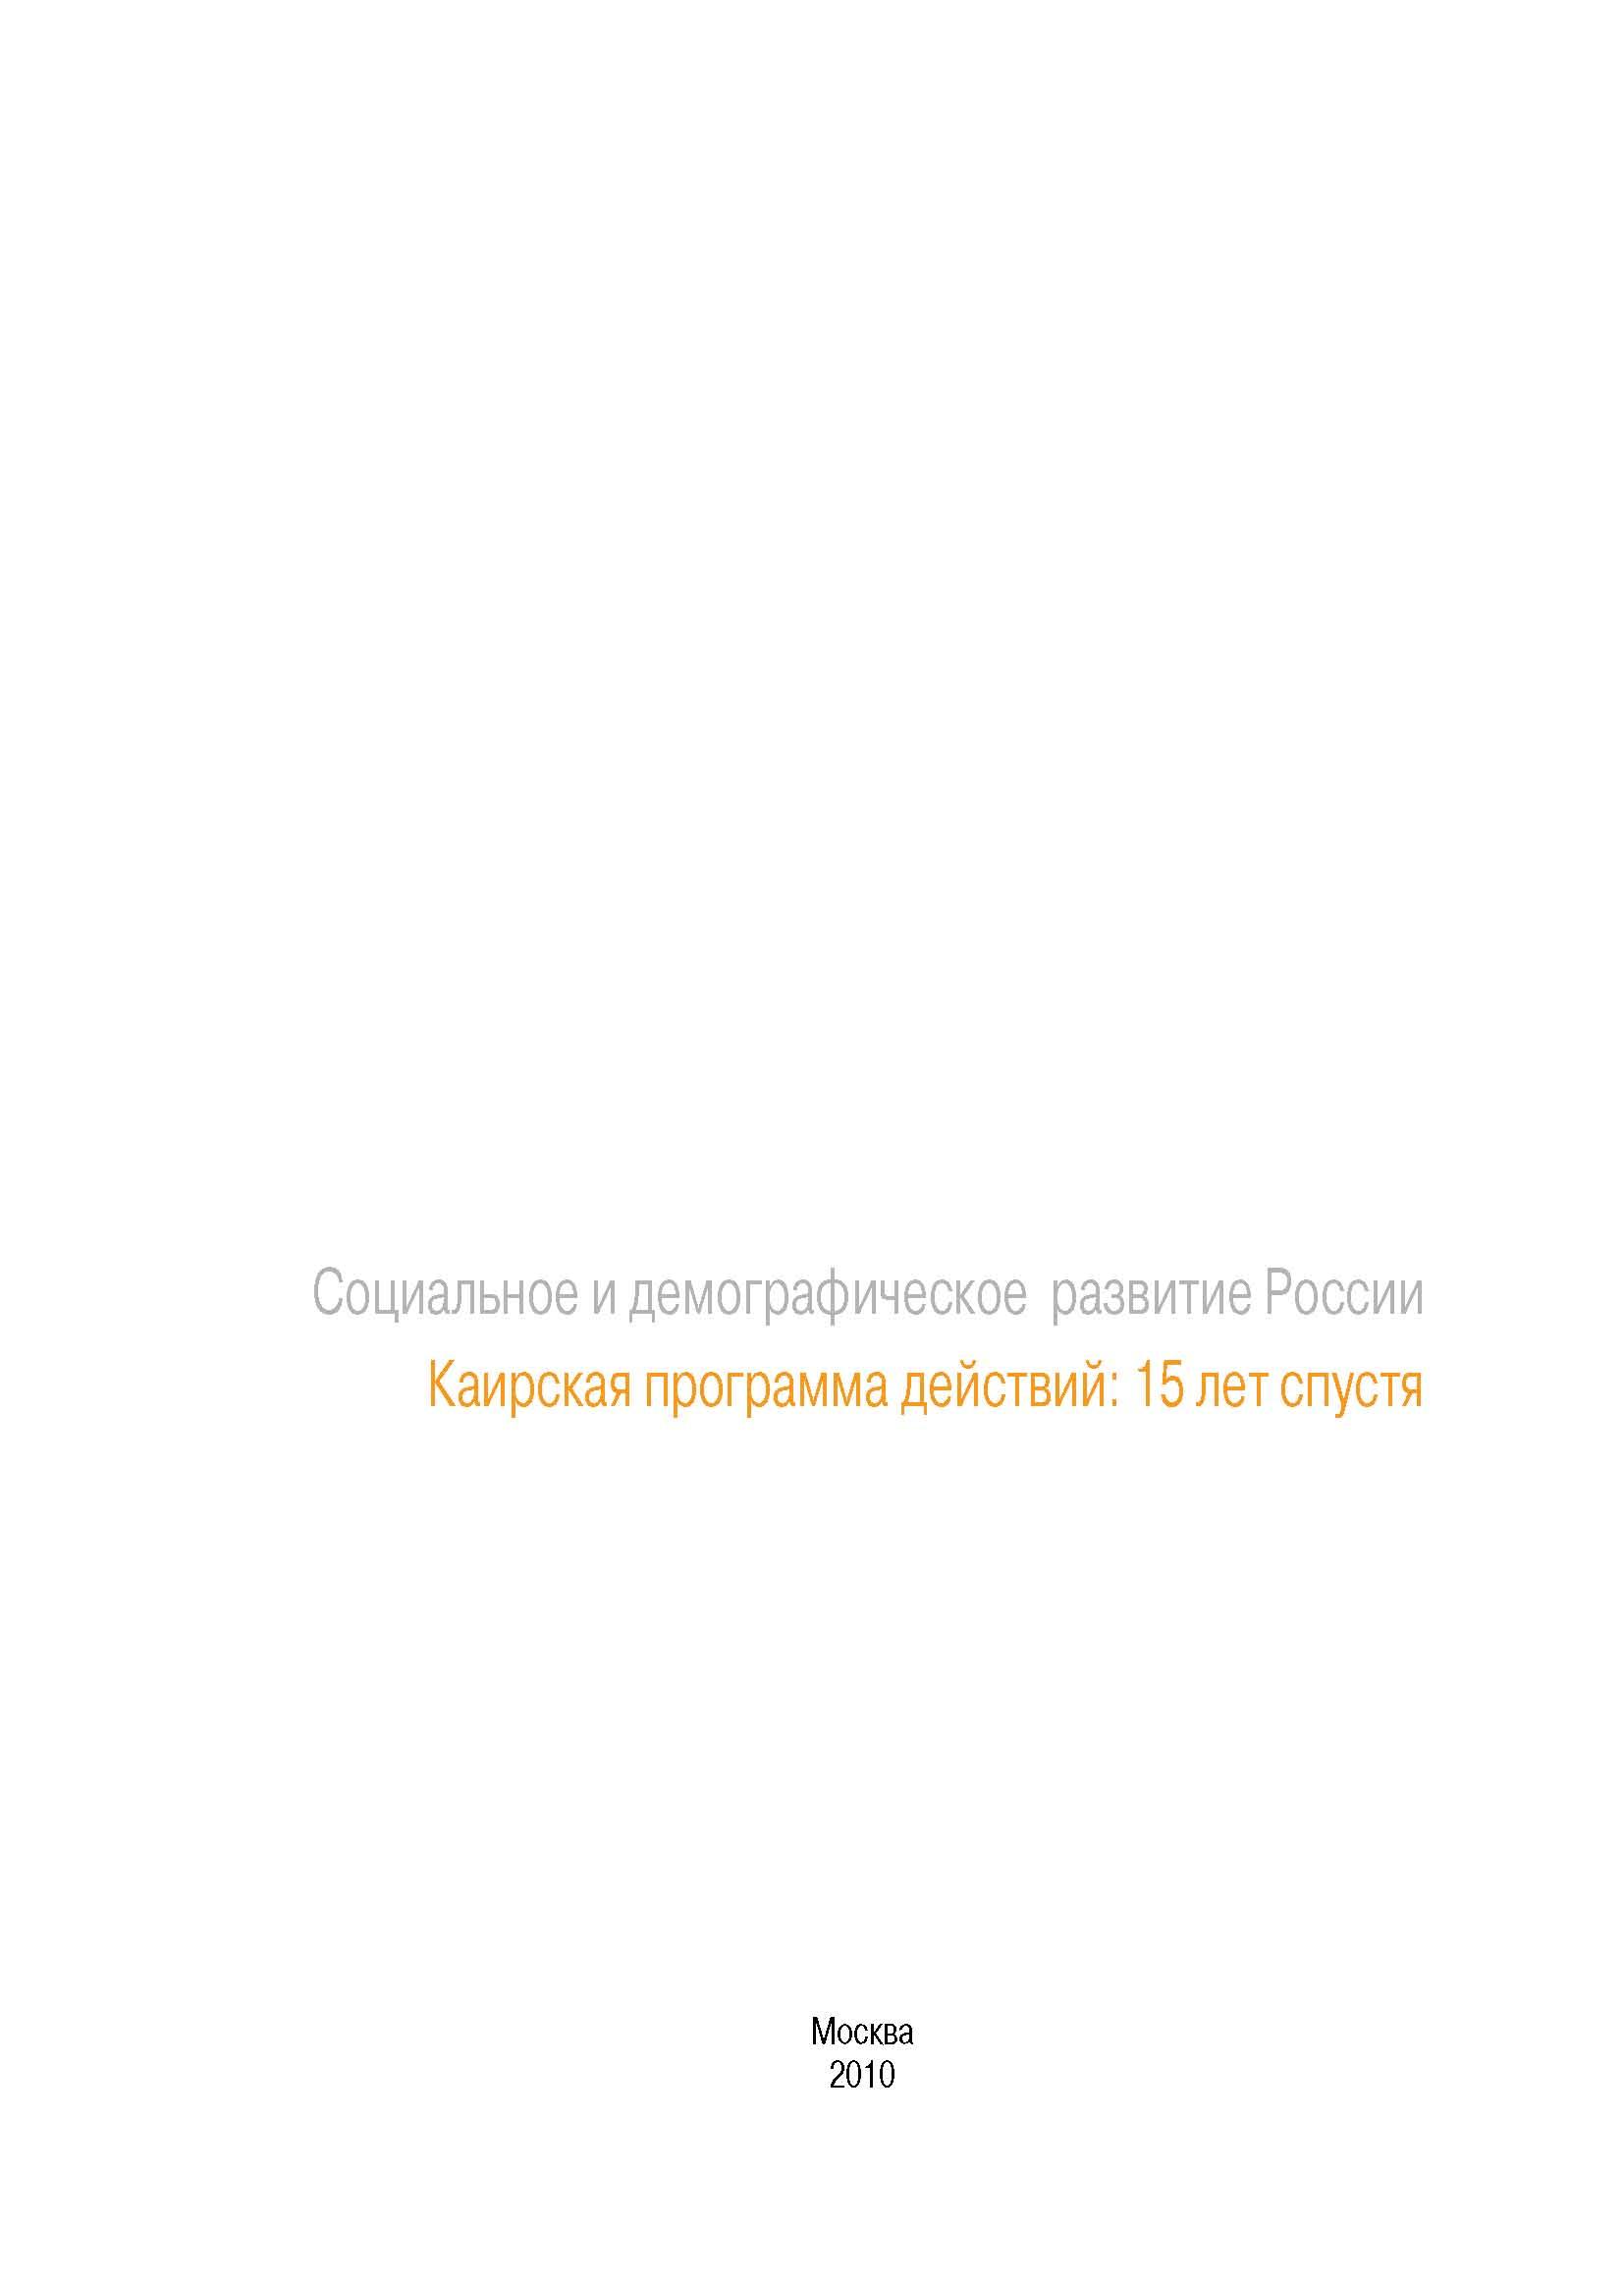 Социальное и демографическое развитие России. Каирская программа действий: 15 лет спустя